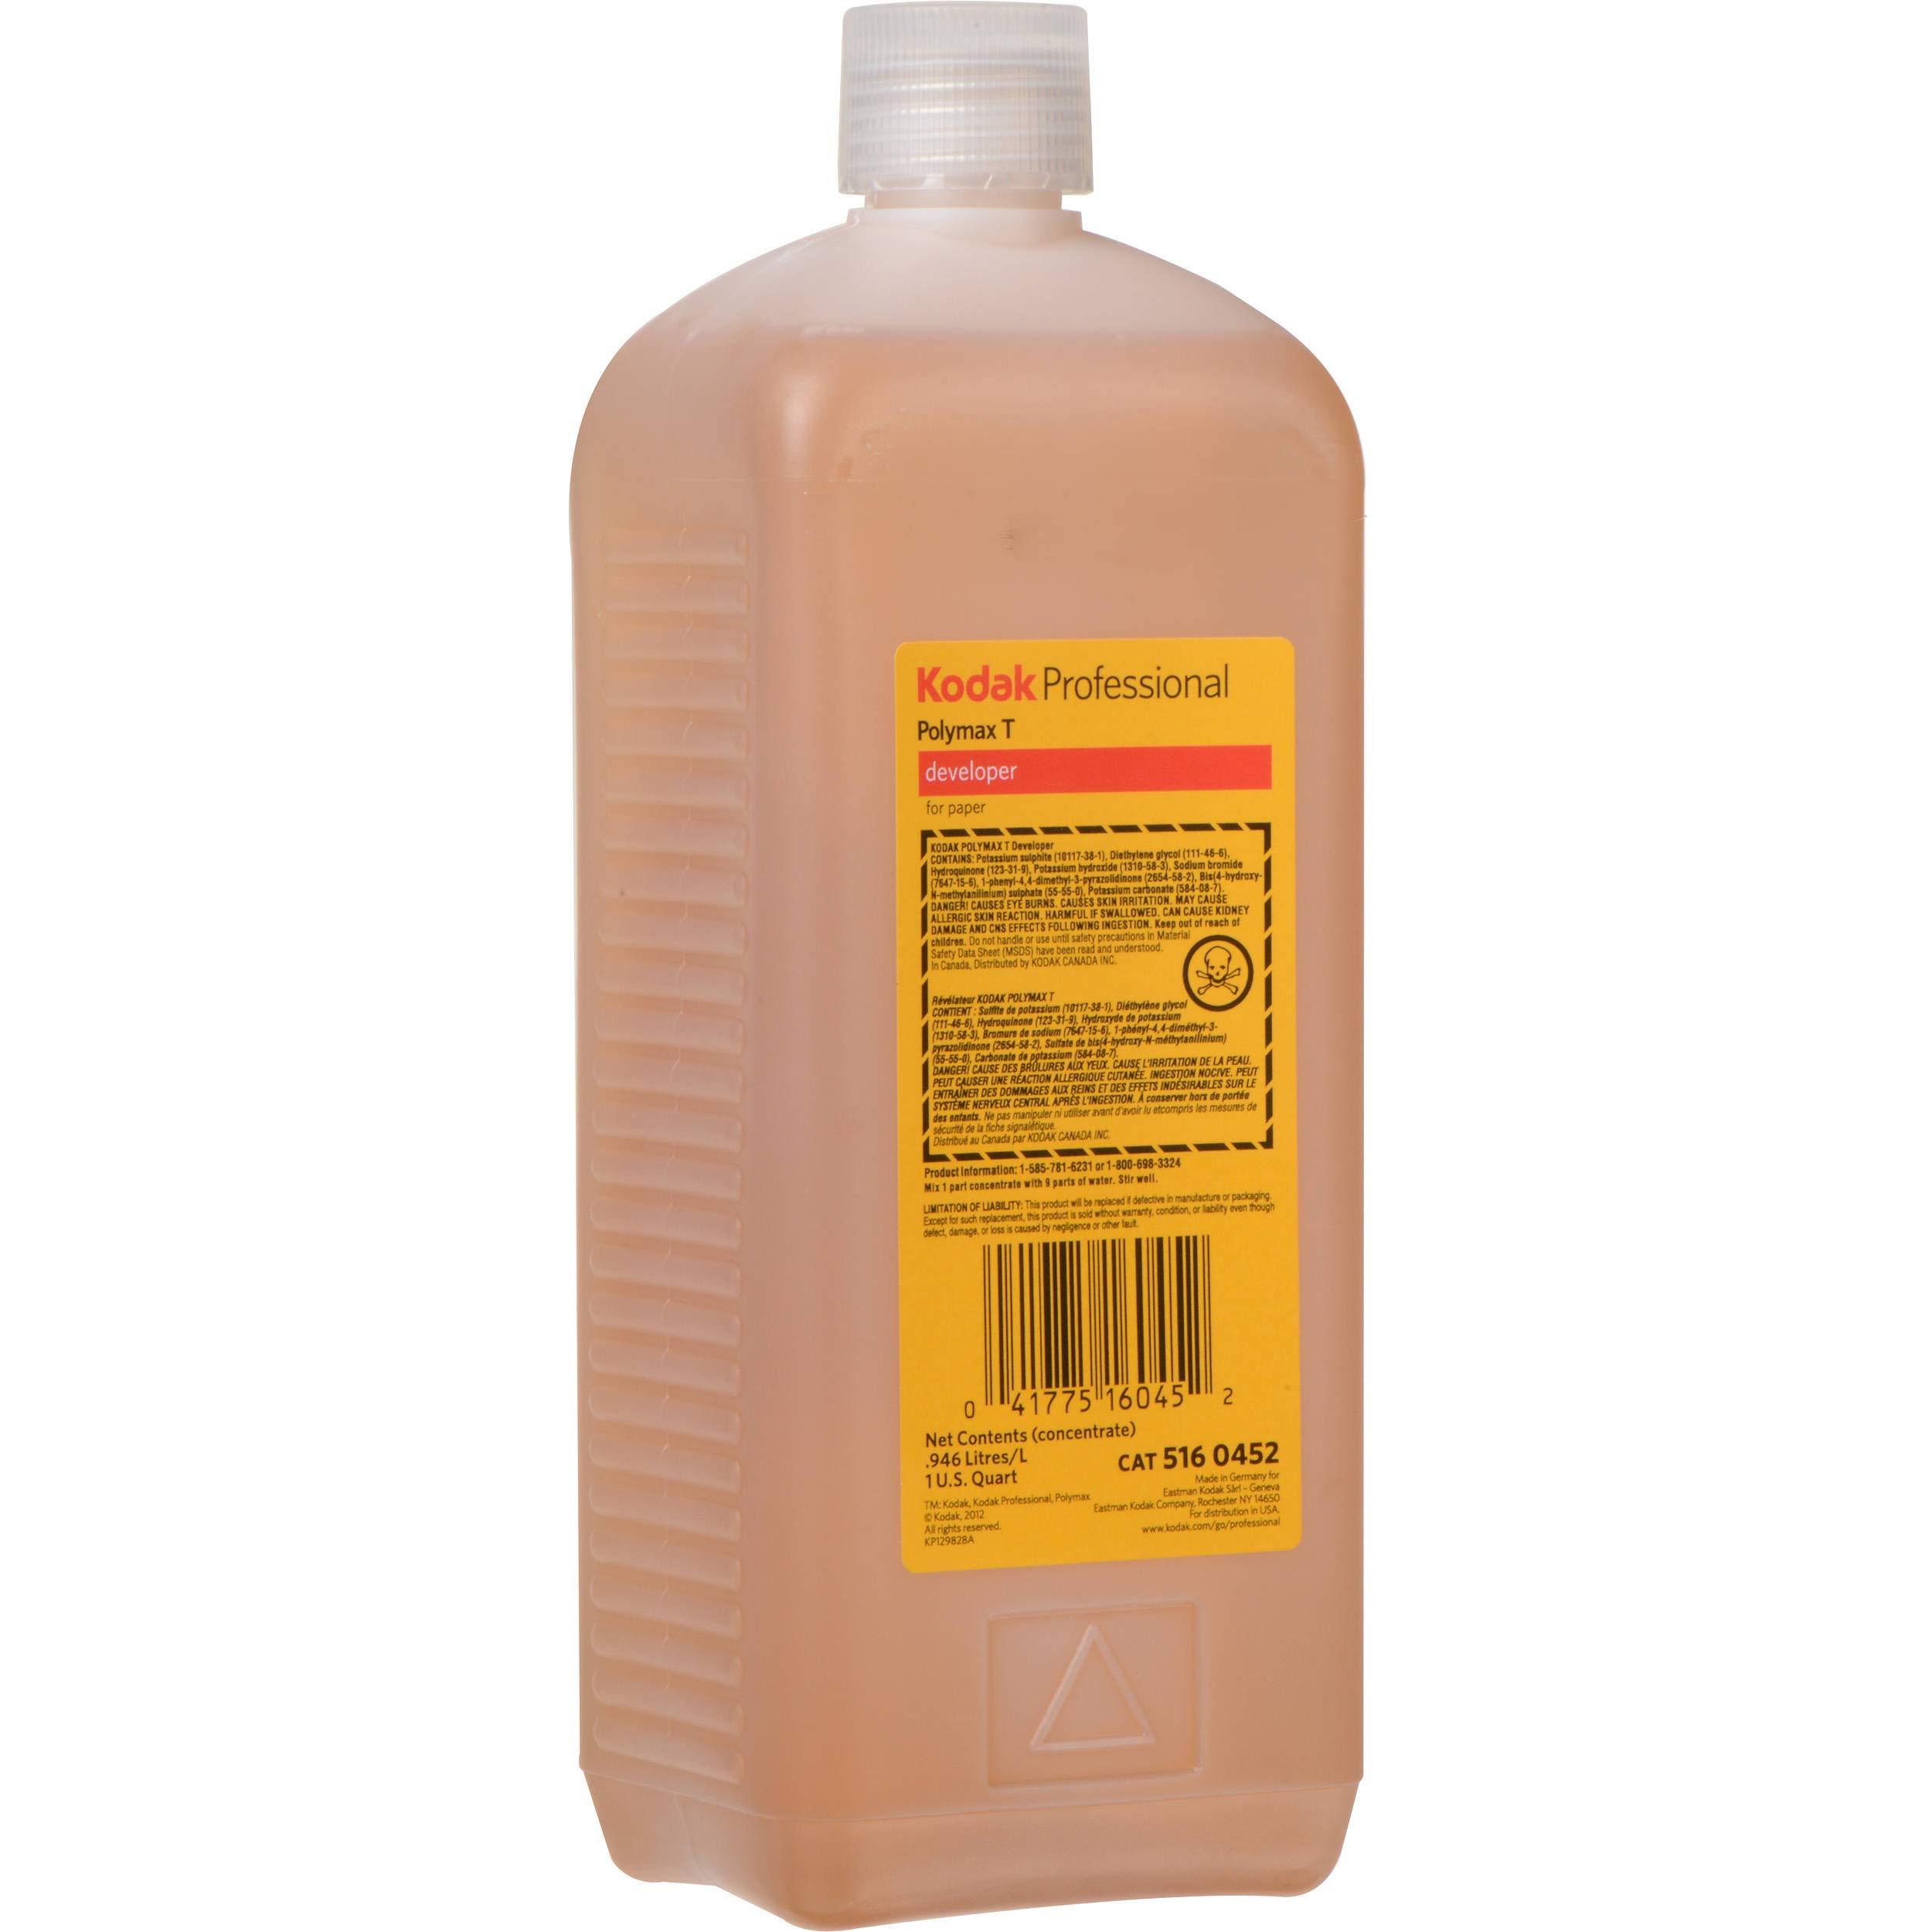 KODAK Polymax T Black & White Paper Developer, Liquid, 1 Quart Bottle. by KODAK